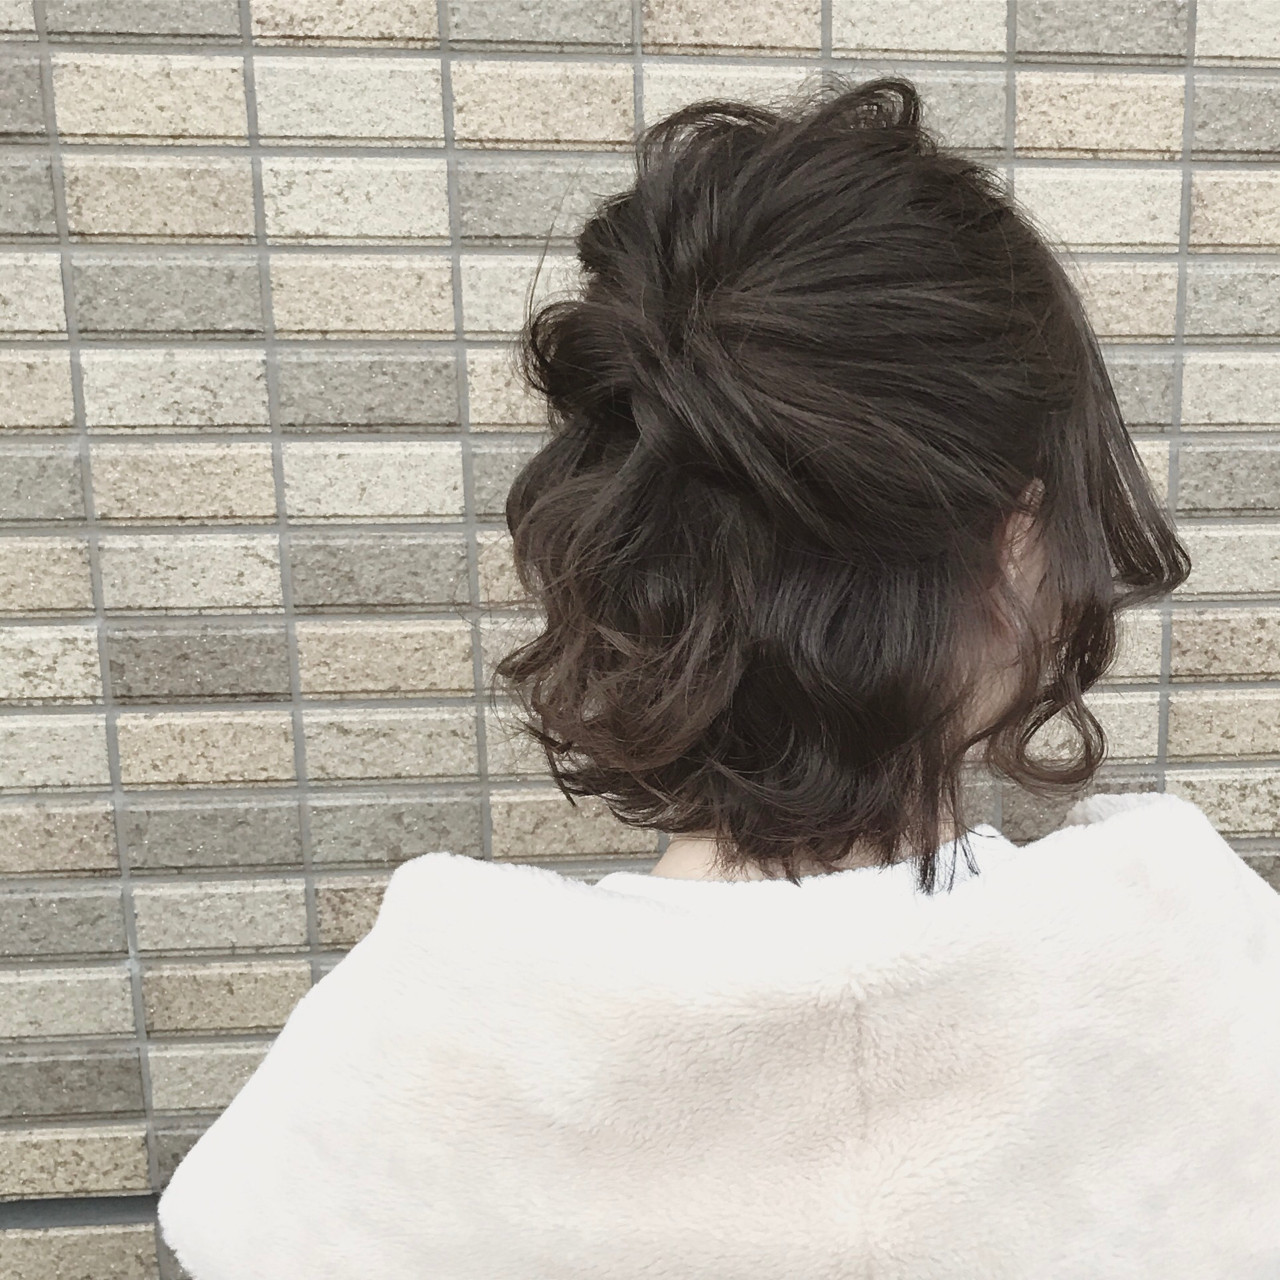 【結婚式髪型】ボブでもできる華やかアレンジ♪自分でもできるヘアセット SHOTA